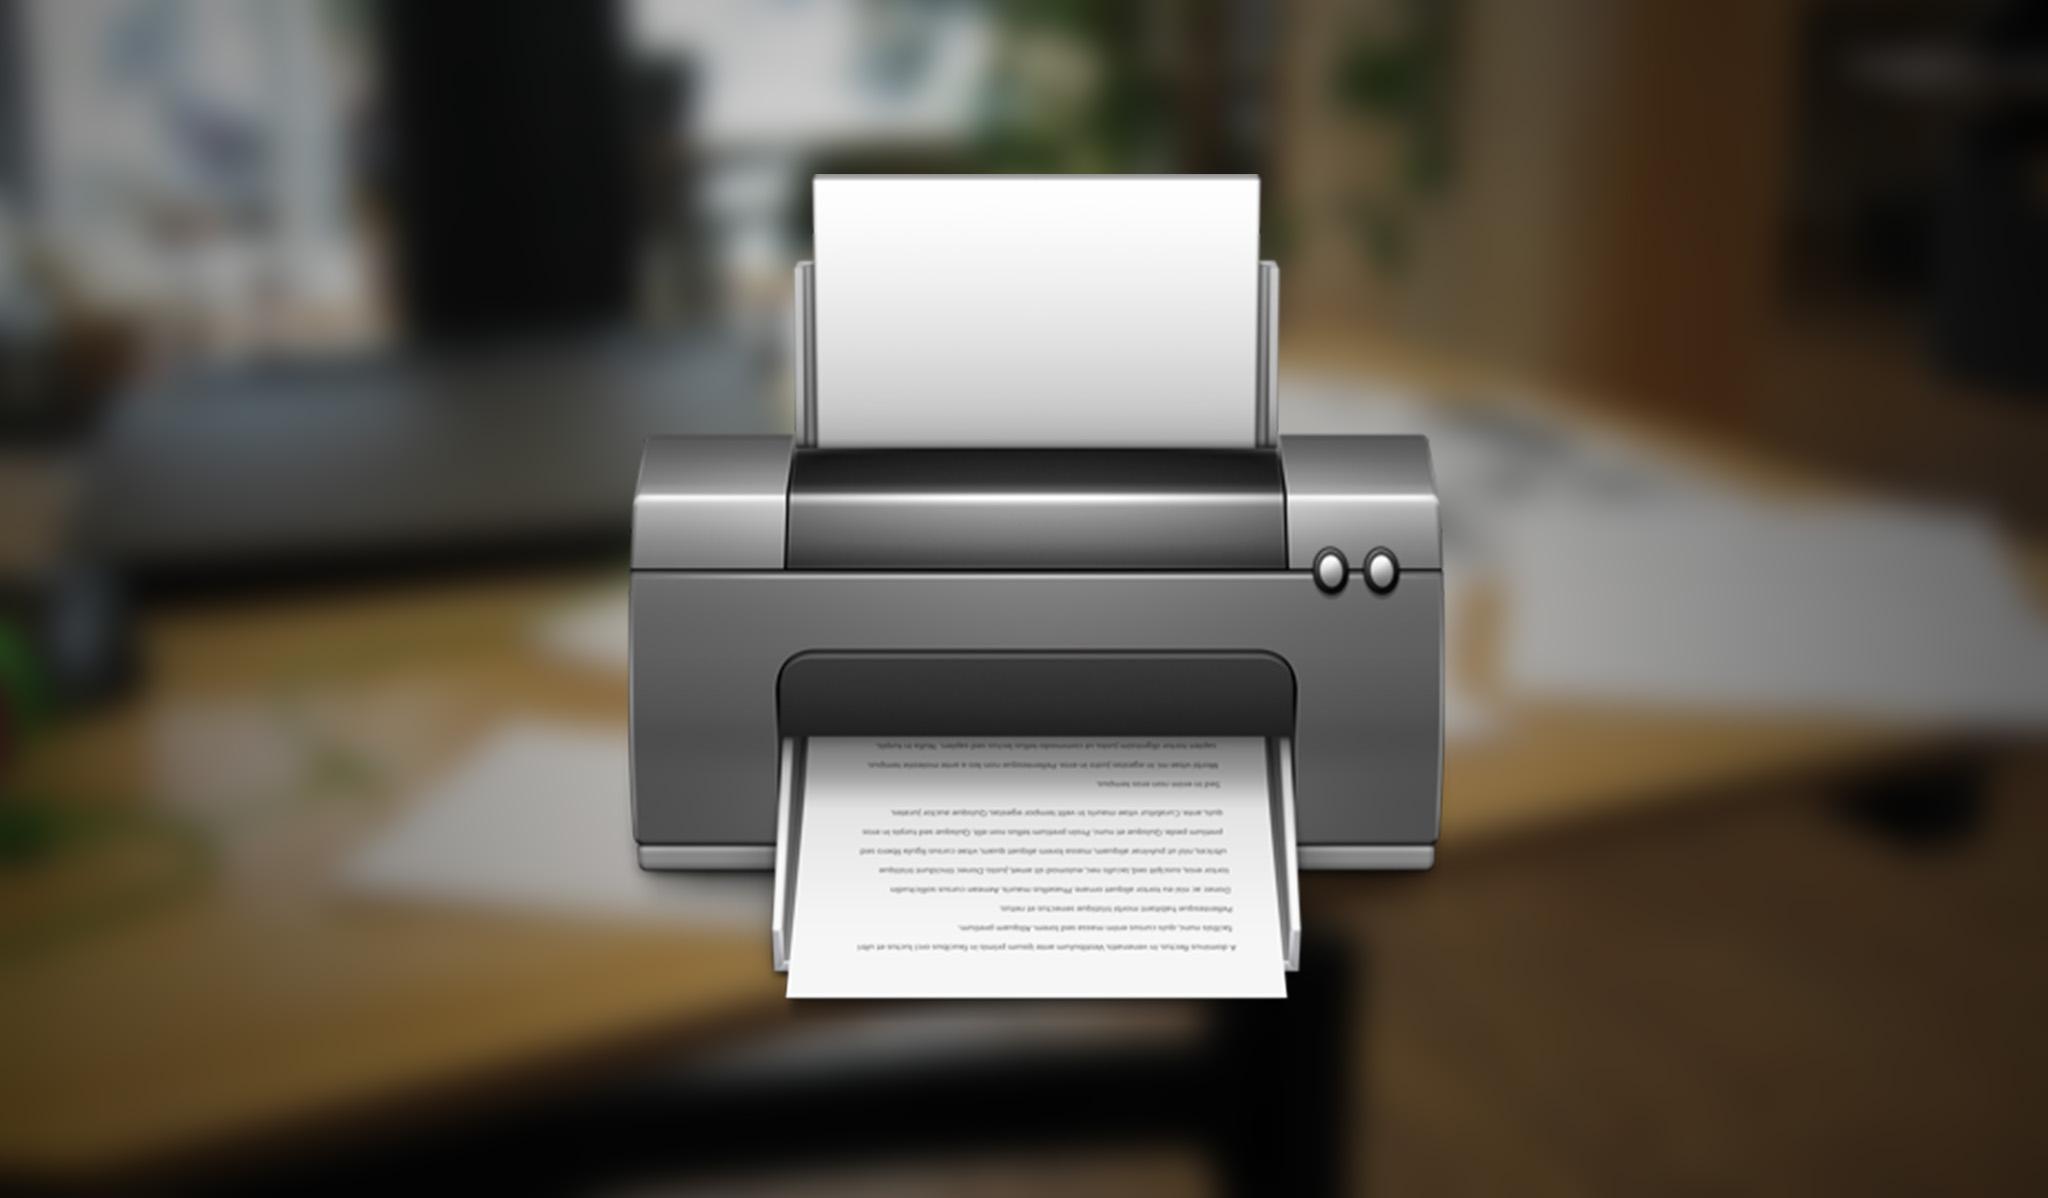 9 функций по настройке принтеров в OS X, которые должен знать каждый